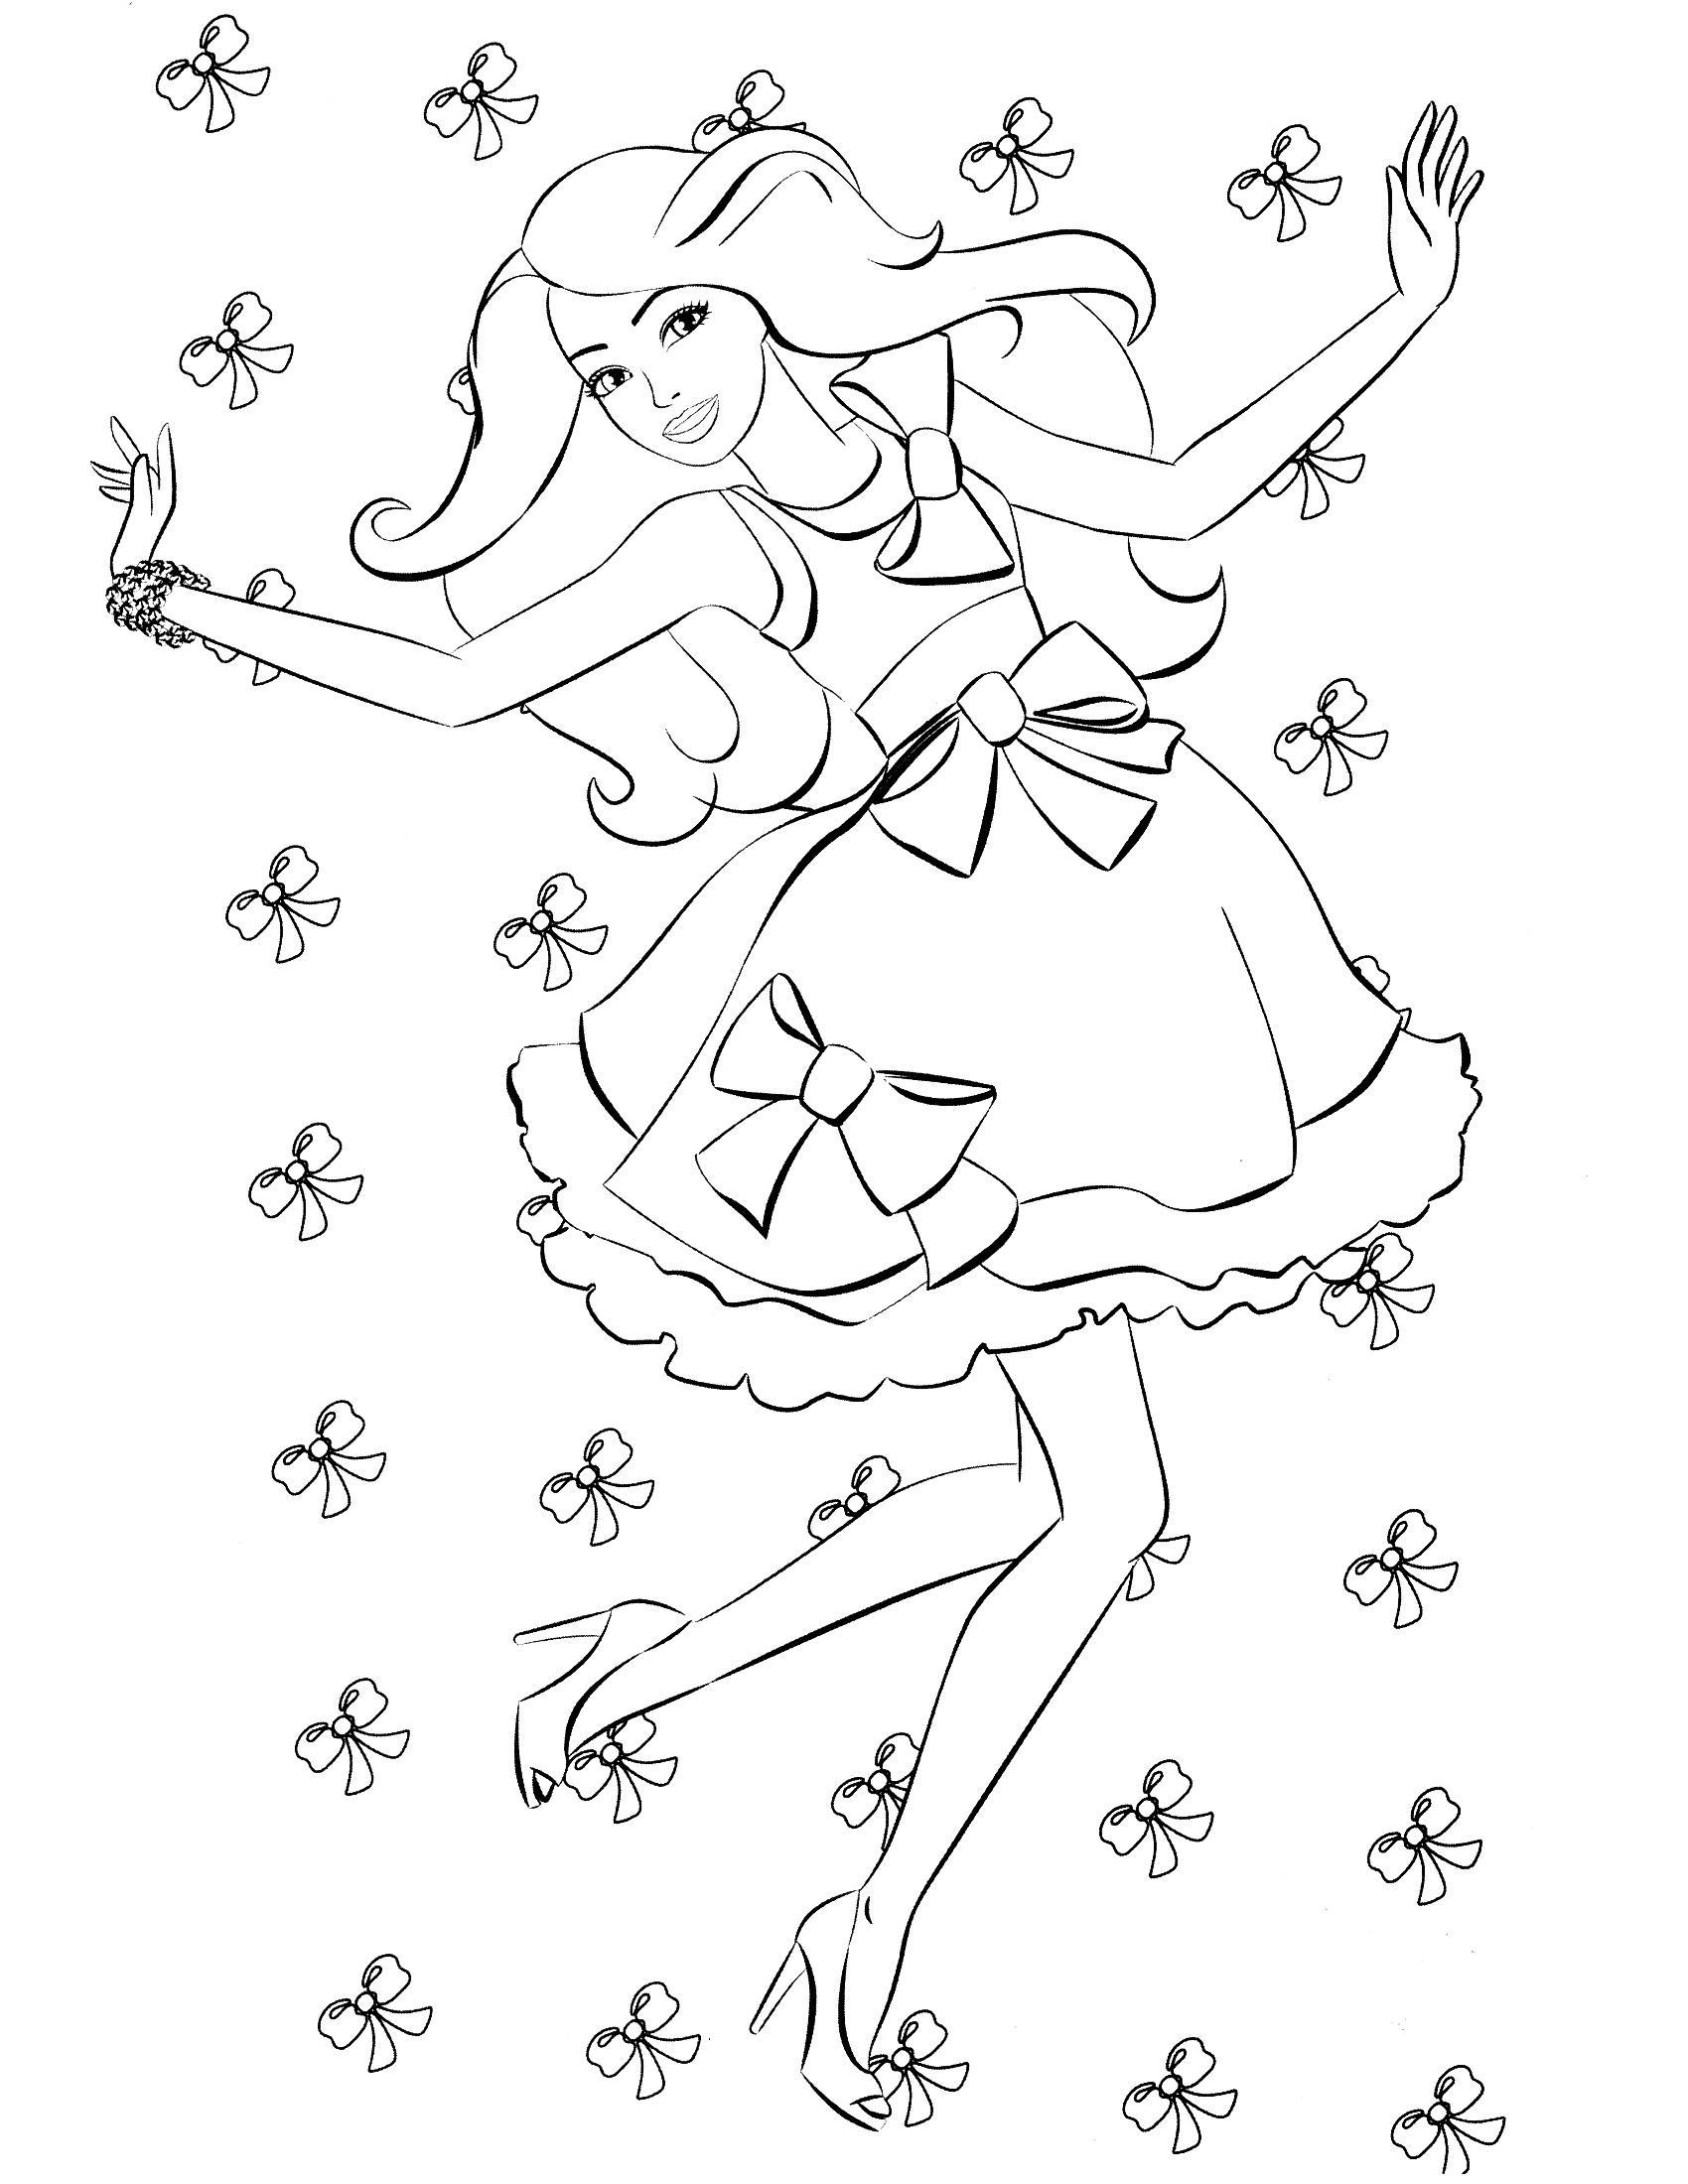 Модное платье с бантиками на барби Для детей онлайн раскраски с цветами